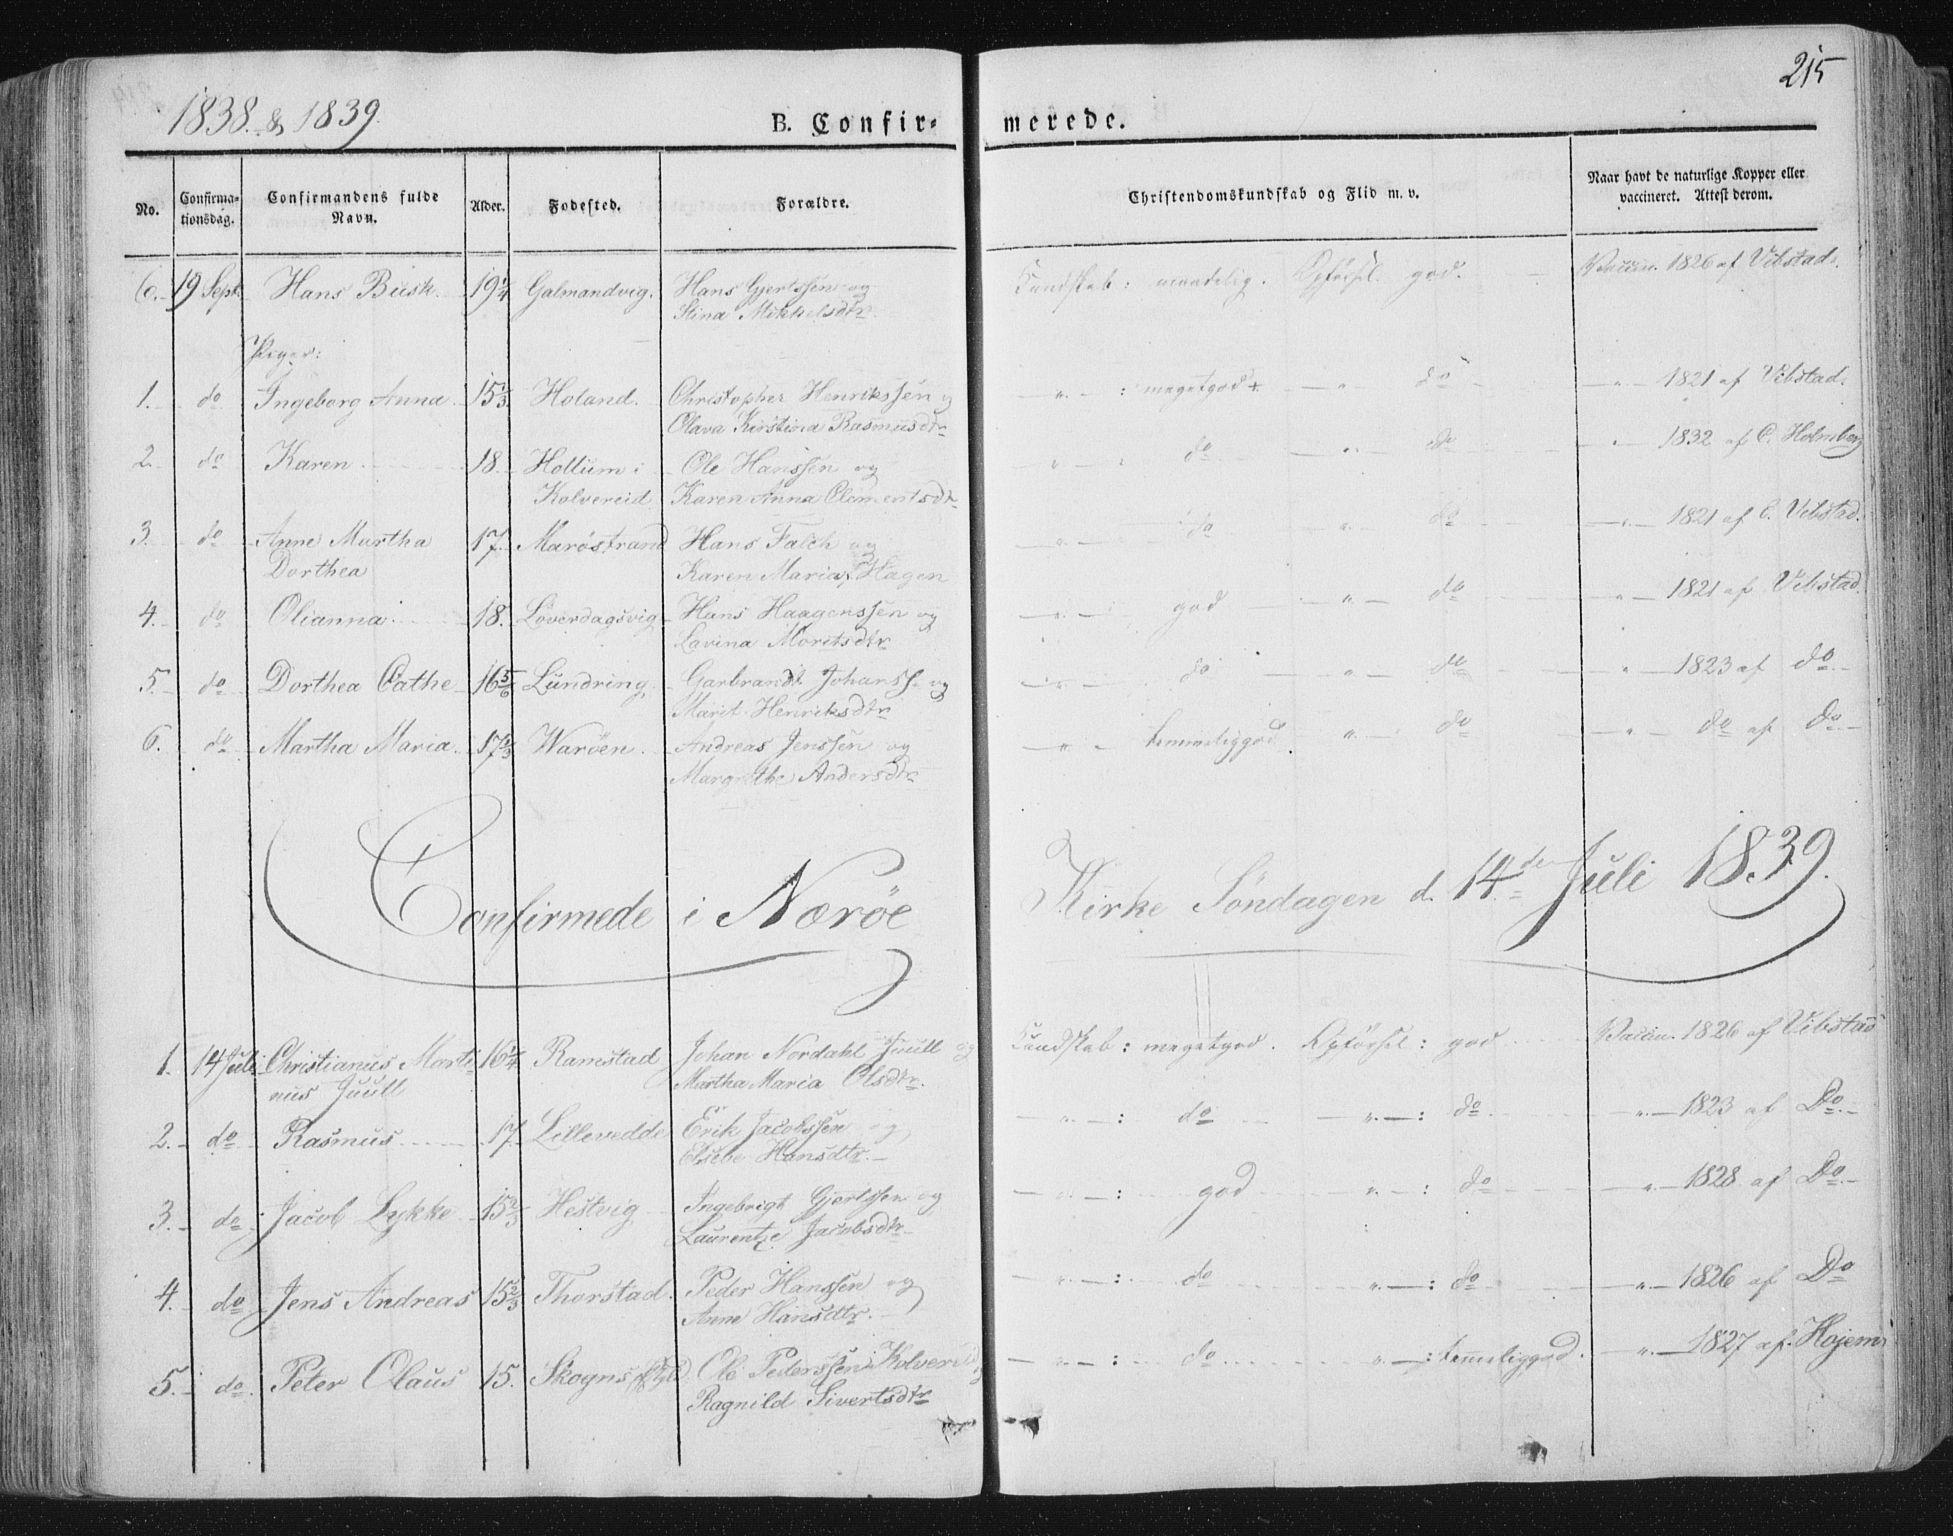 SAT, Ministerialprotokoller, klokkerbøker og fødselsregistre - Nord-Trøndelag, 784/L0669: Ministerialbok nr. 784A04, 1829-1859, s. 215